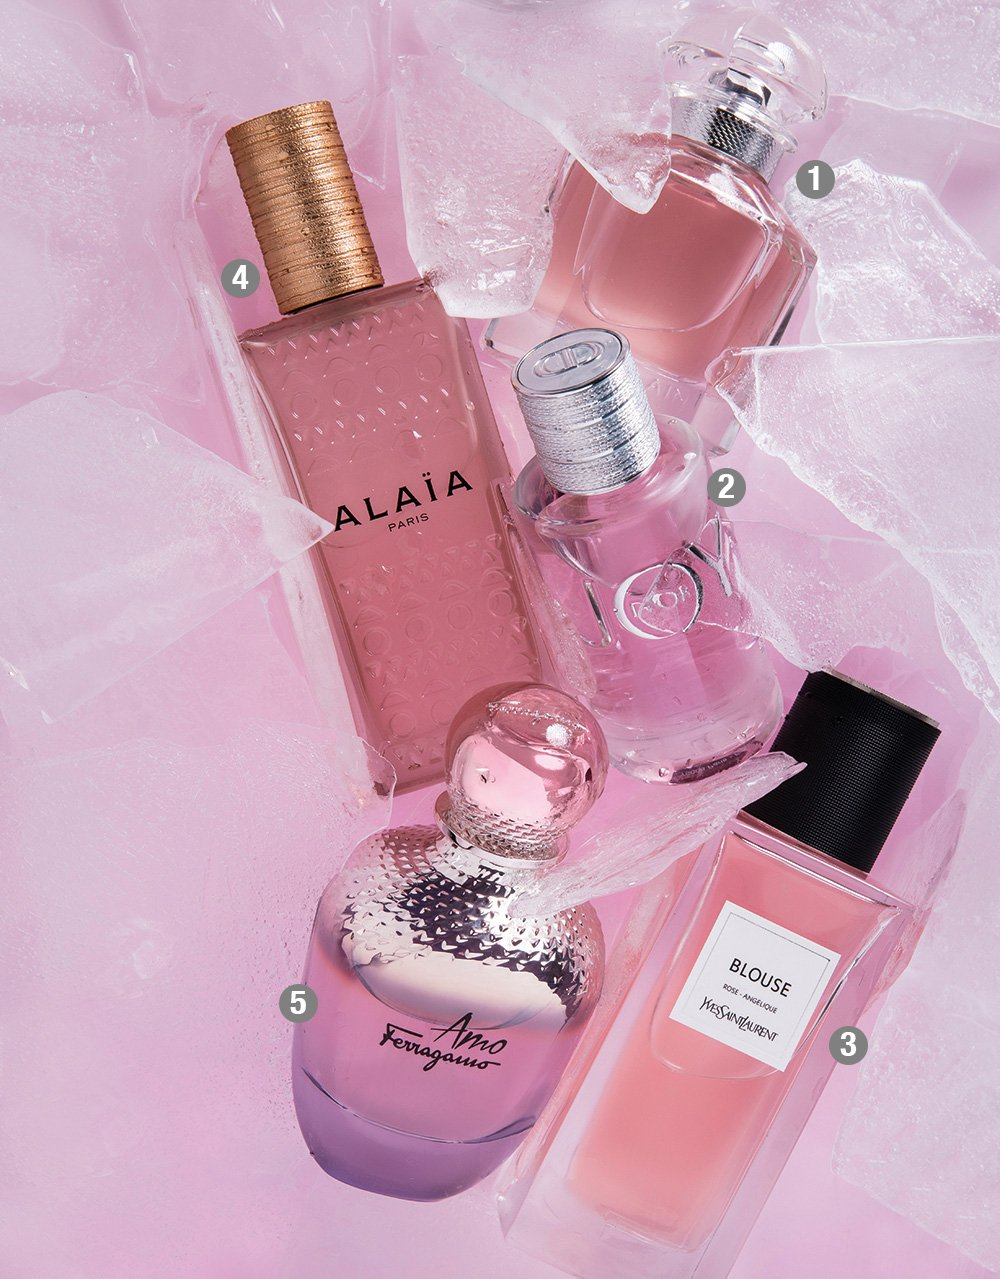 adef598d7 2- DIOR Joy Eau de Parfum 3- YVES SAINT LAURENT Blouse Le Vestiaire Des  Parfums Eau de Parfum 4- SALVATORE FERRAGAMO Amo Ferragamo Eau de Parfum